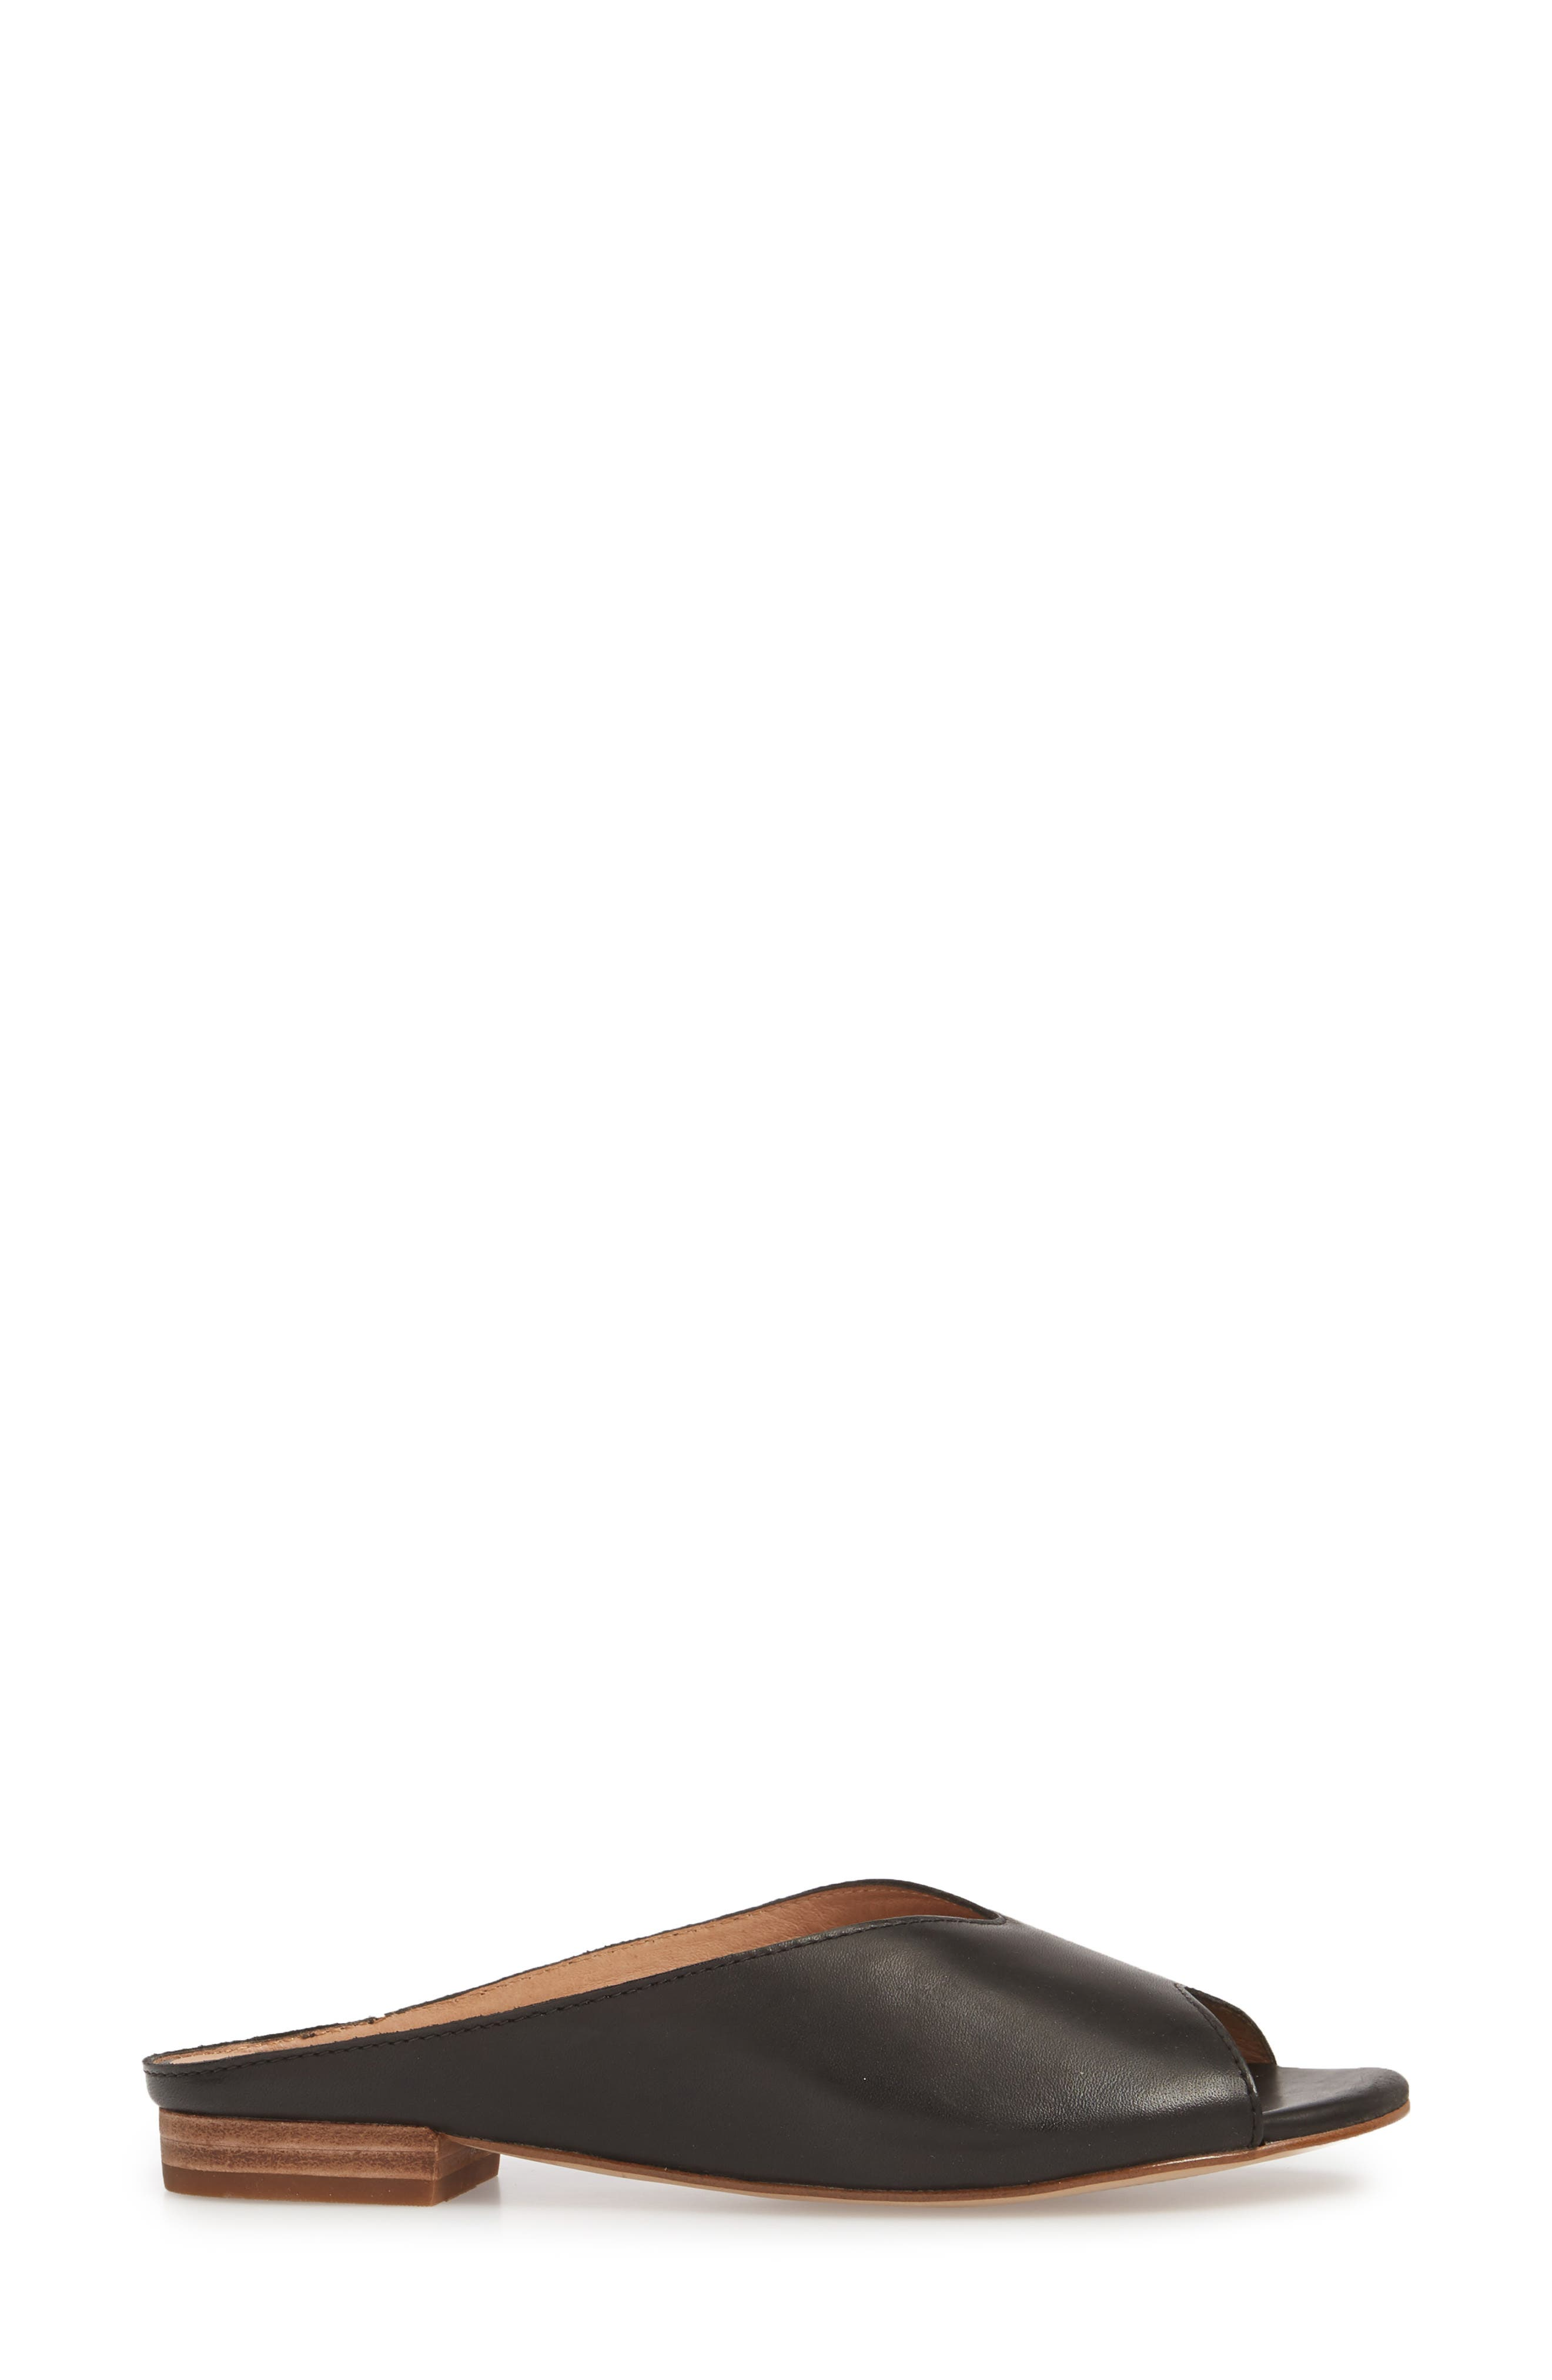 Tavi Slide Sandal,                             Alternate thumbnail 3, color,                             001